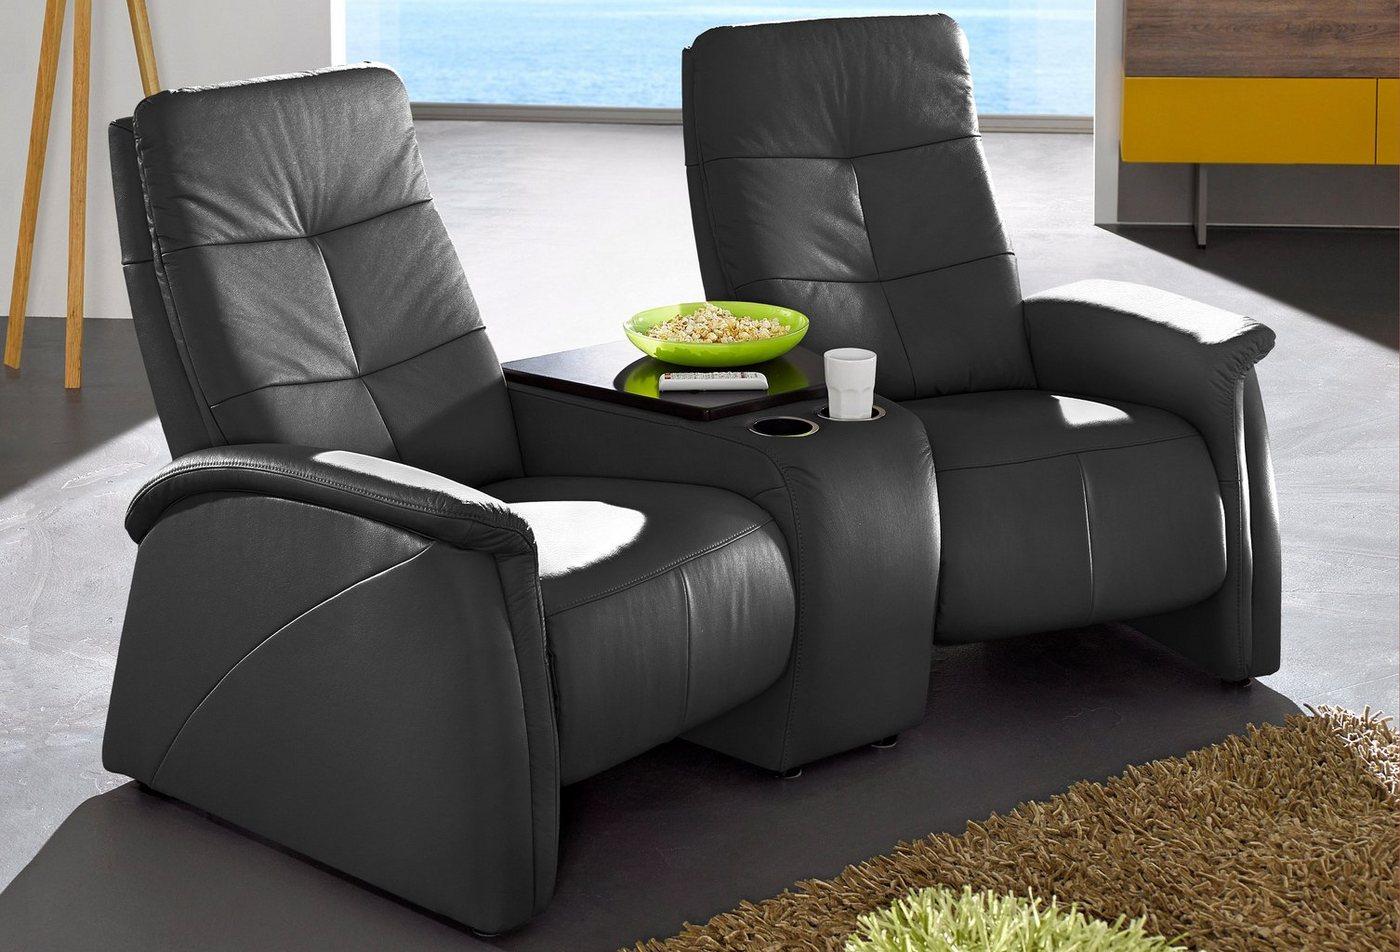 2-zitsbank City Sofa met geïntegreerd plateau